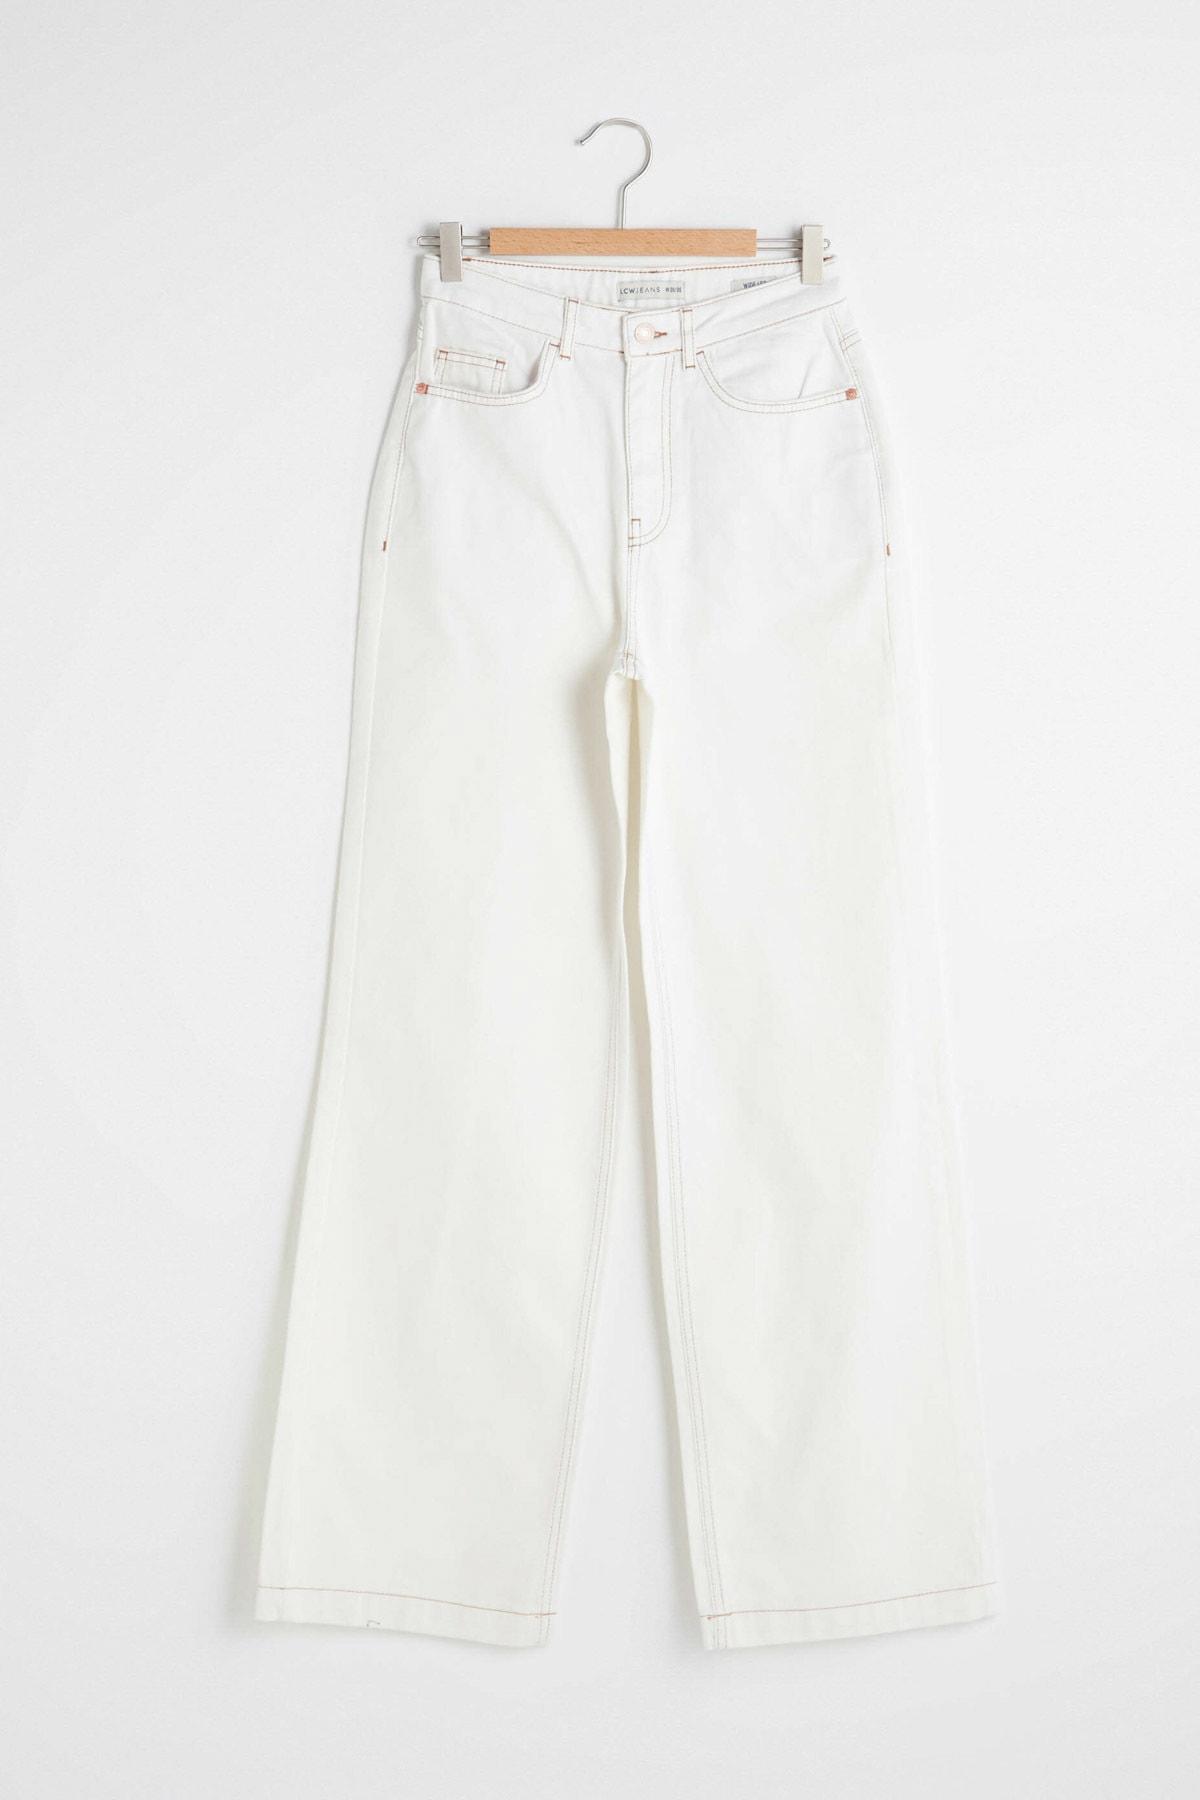 LC Waikiki Kadın Kırık Beyaz Jeans 1